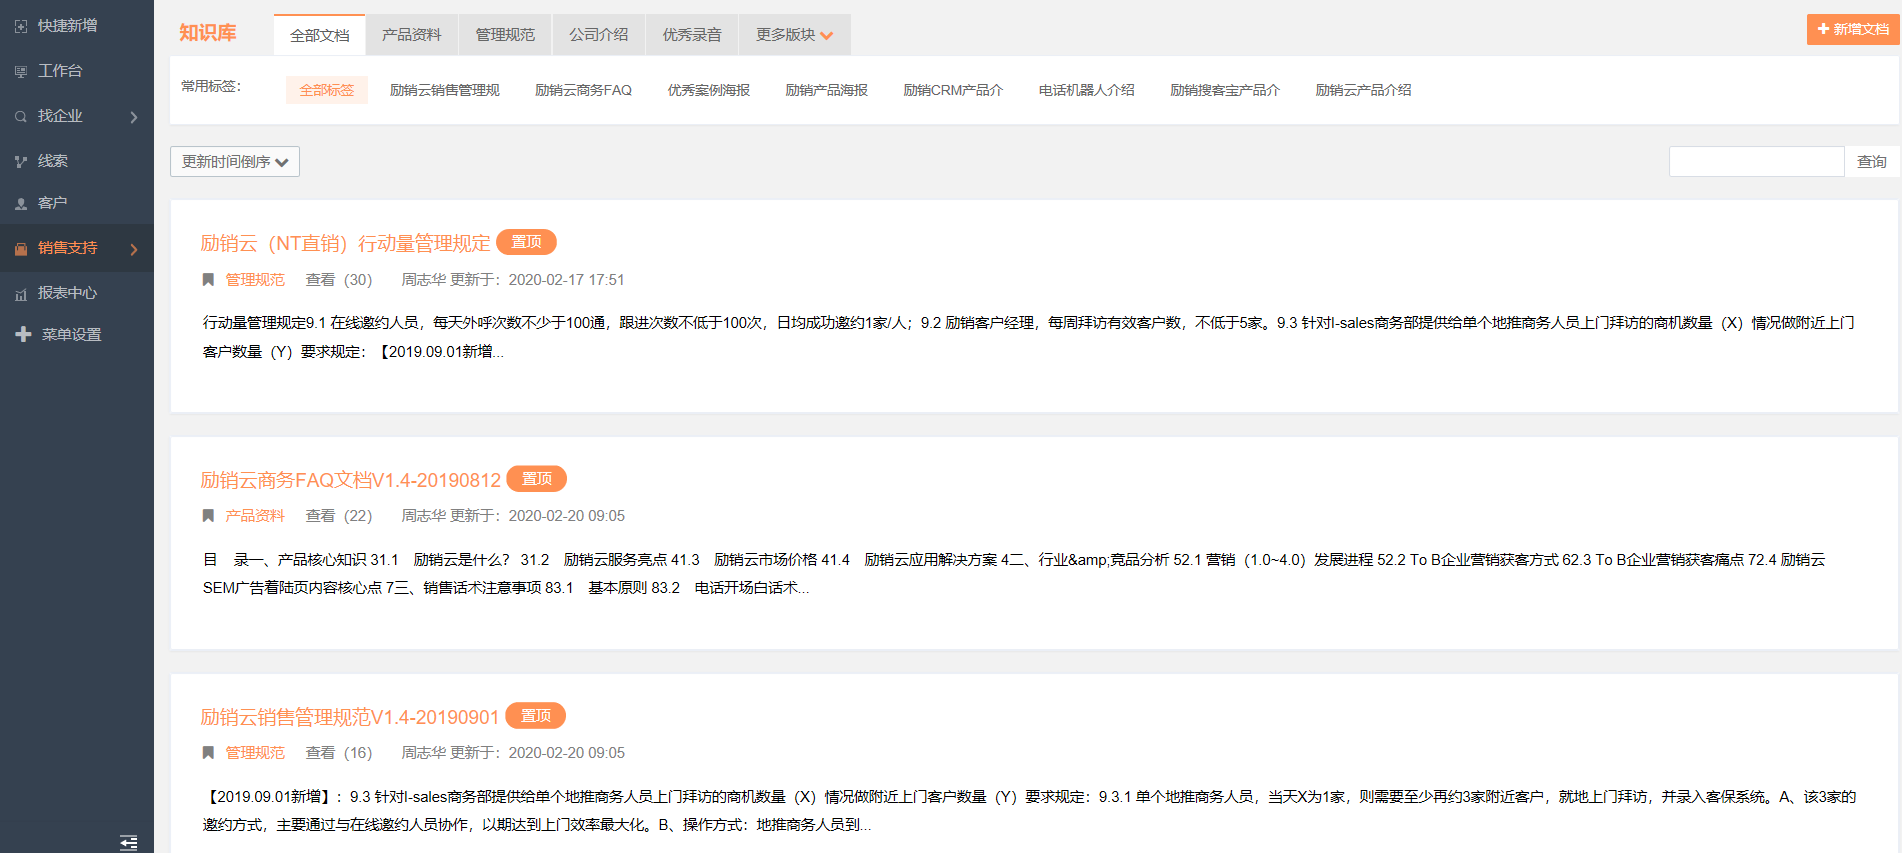 图片1_看图王.png